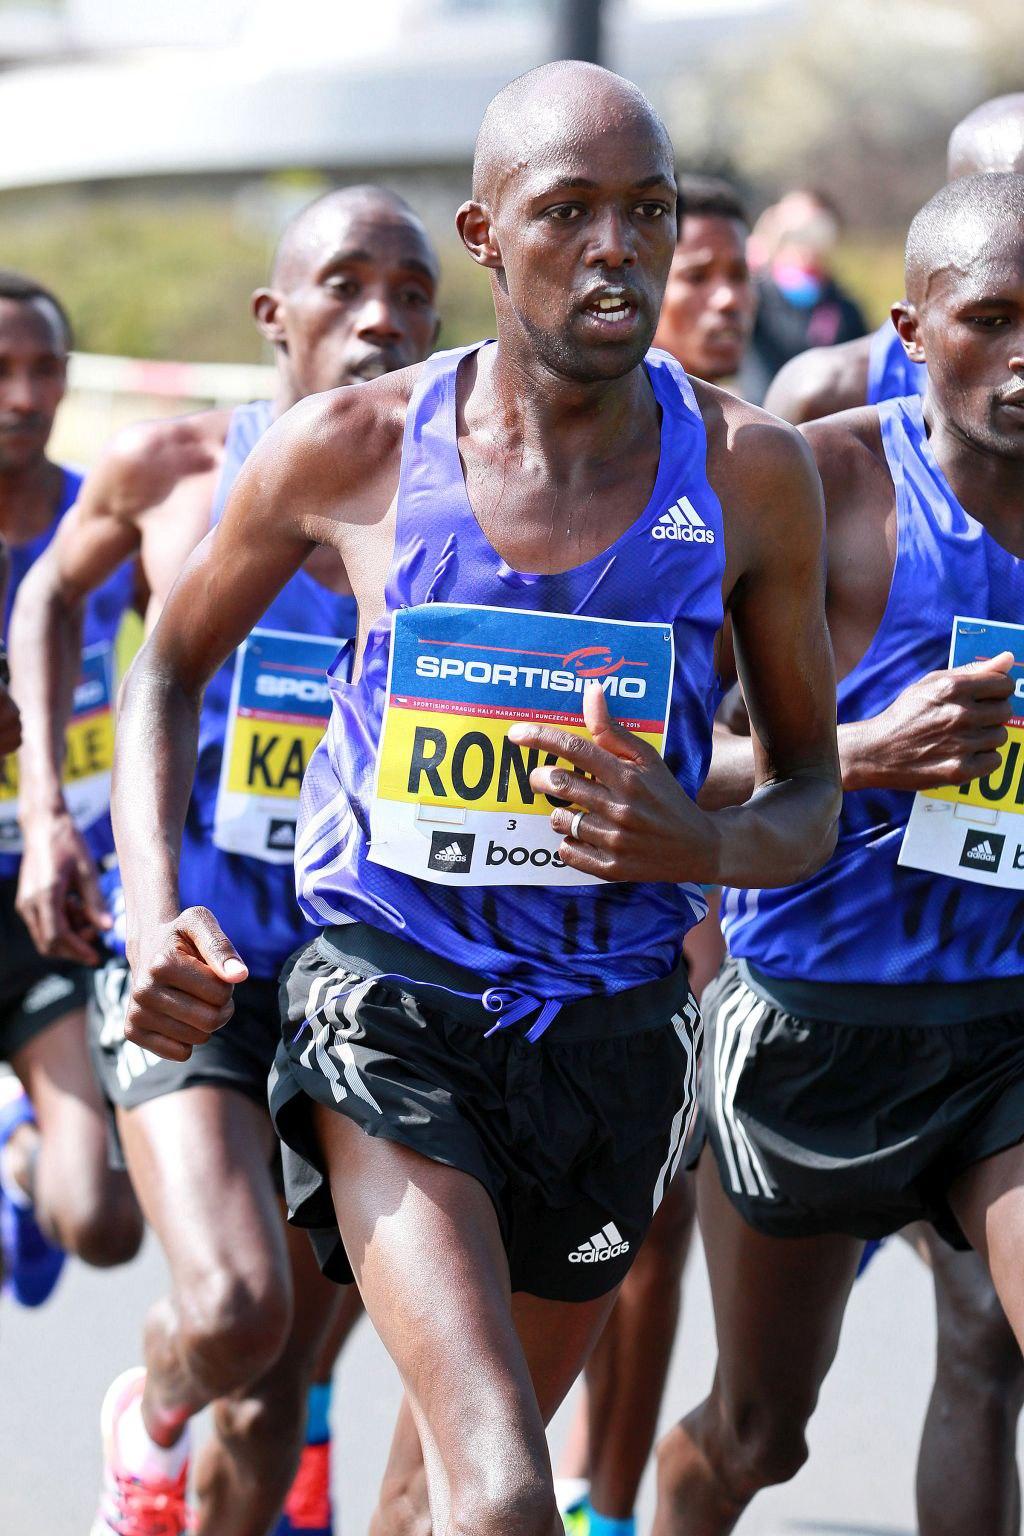 Geoffrey Ronoh competing in the Sportisimo Prague Half Marathon | Photo credit: Volkswagen Prague Marathon / Victah Sailer